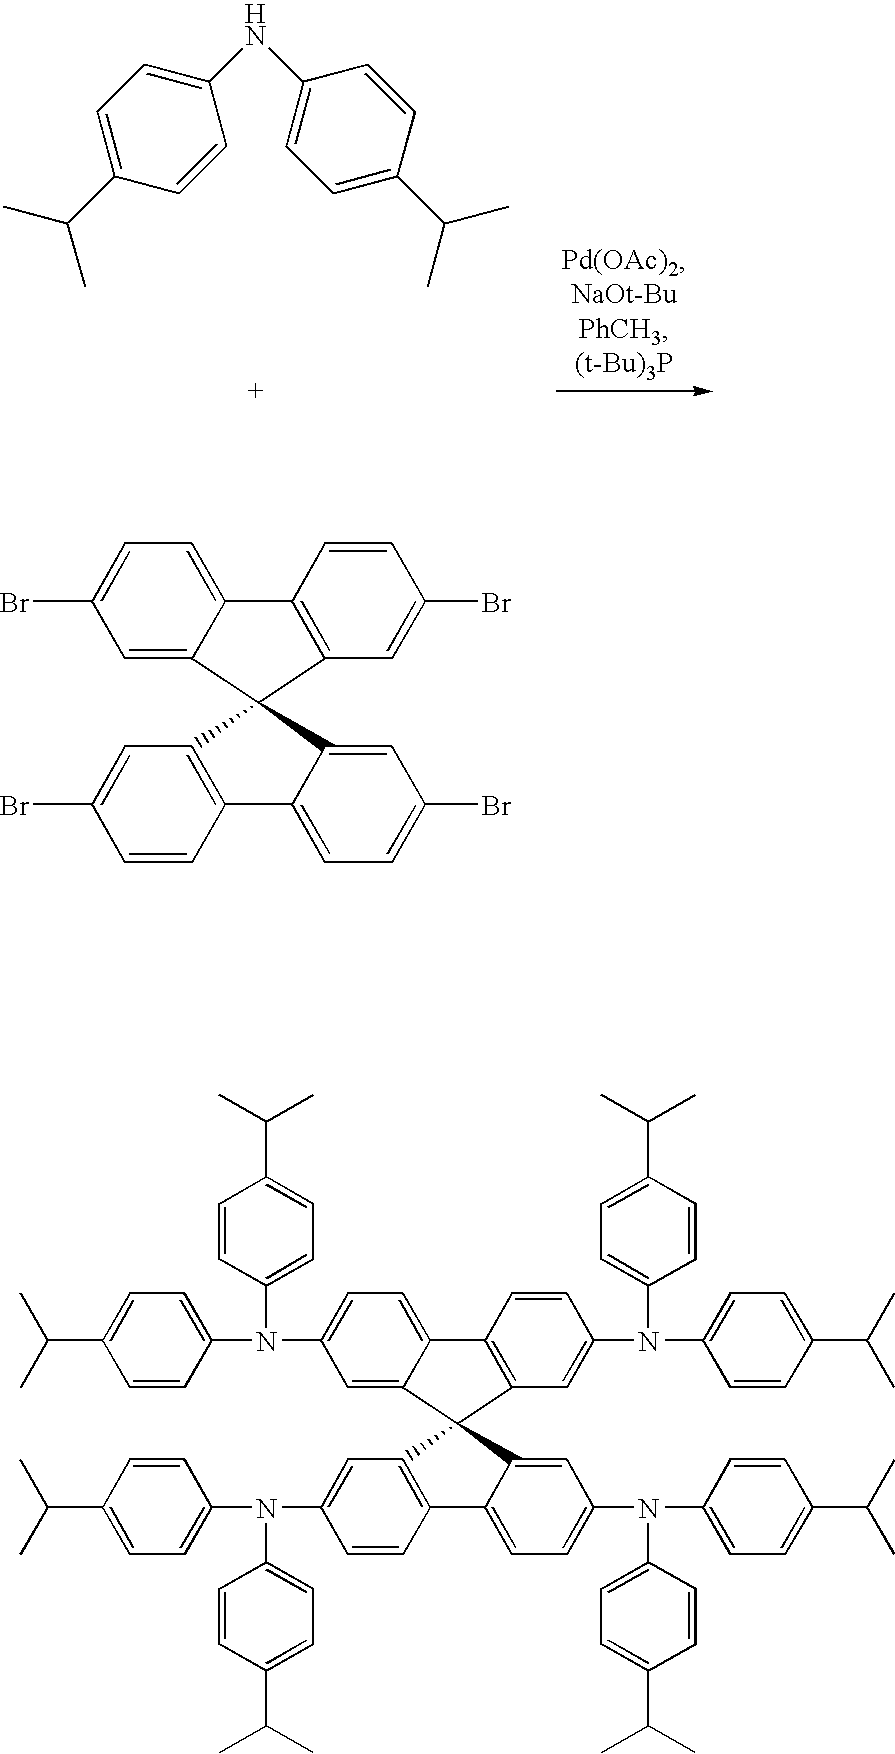 Figure US07540978-20090602-C00013